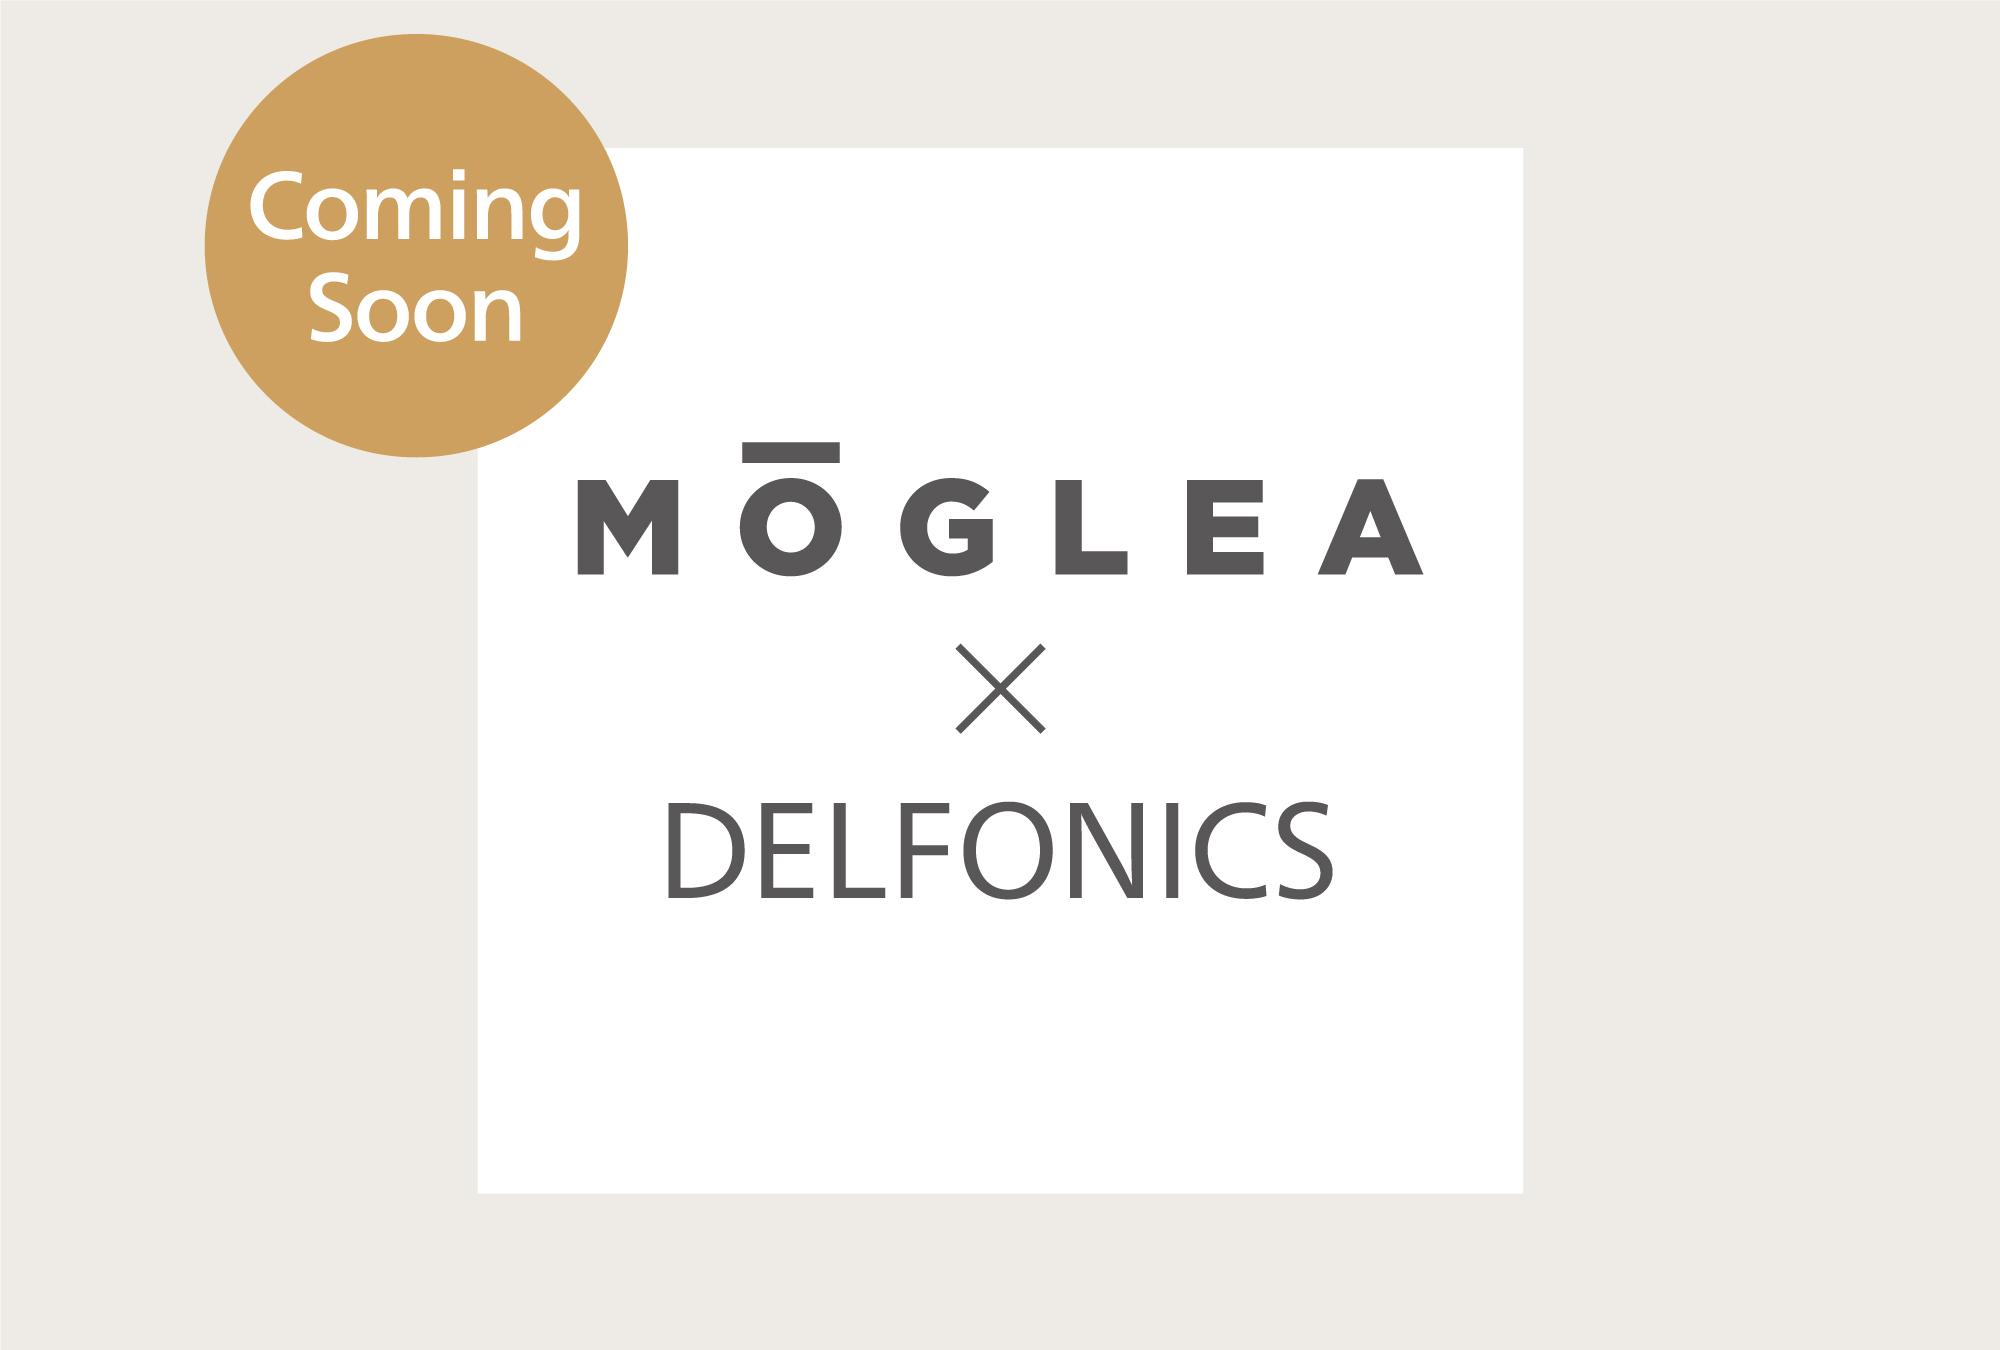 DELFONICS(デルフォニックス)とMOGLEA(モーグリー)のコラボレーション文房具が近日発売